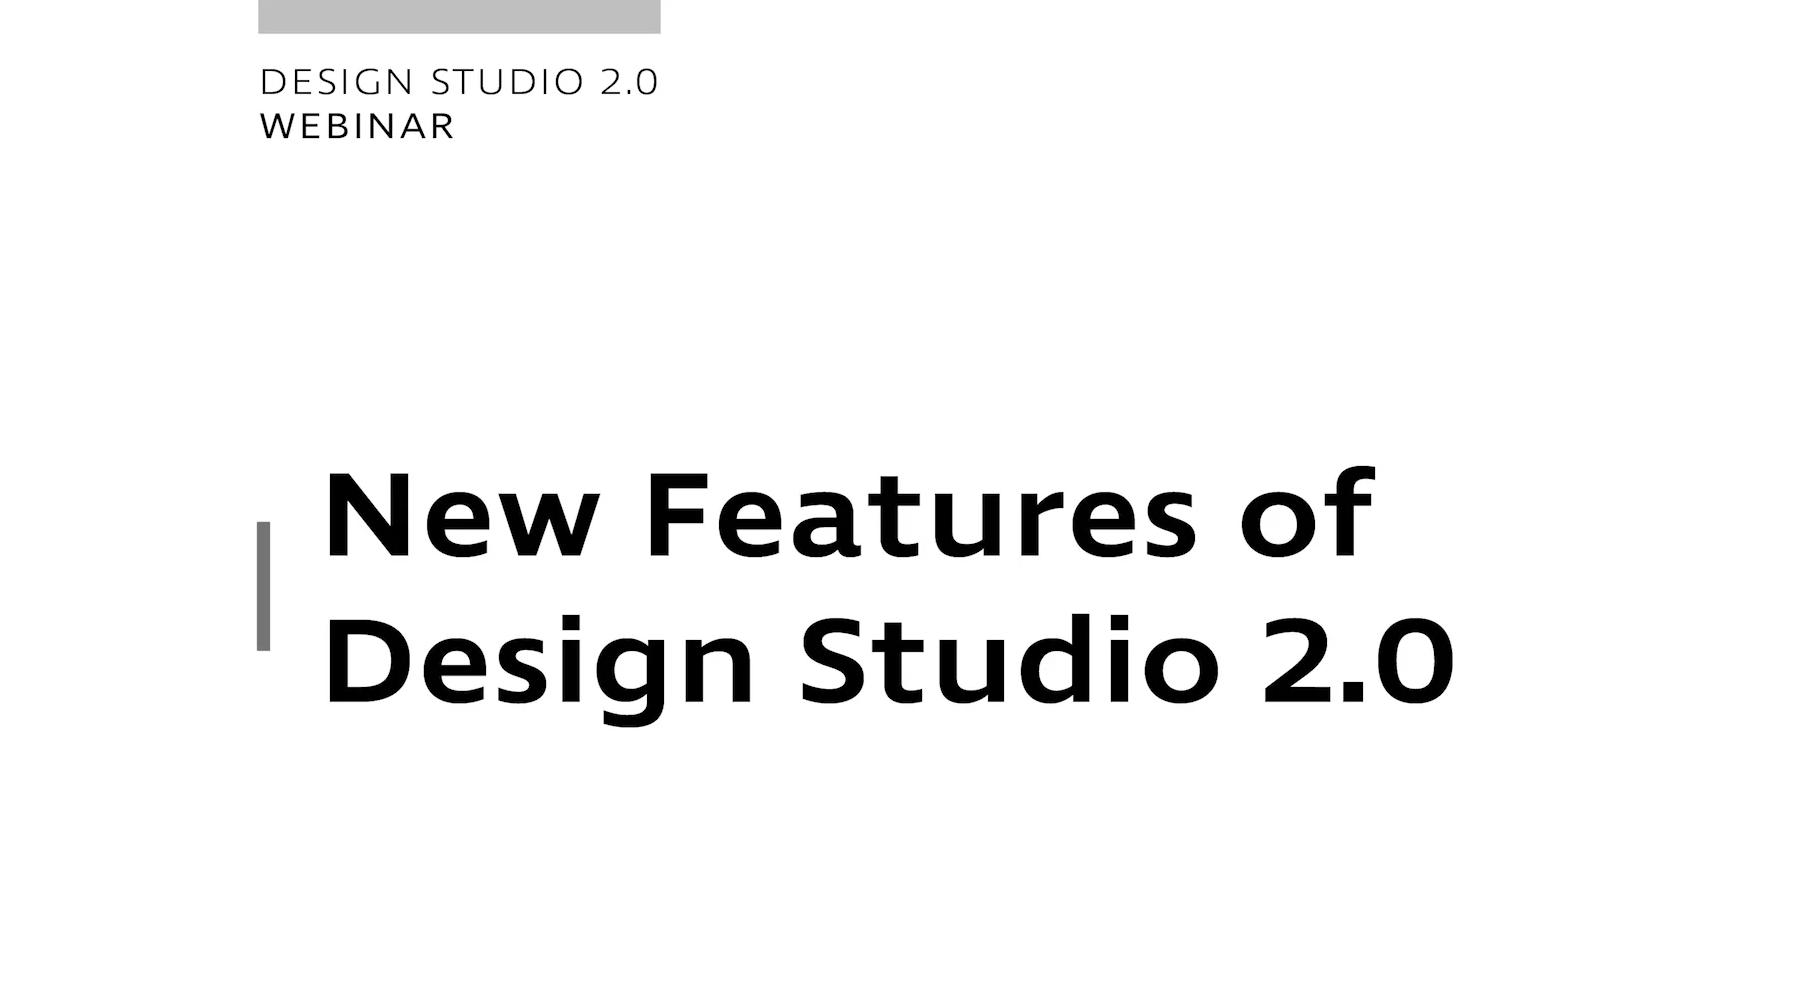 Design Studio 2.0 - New Features